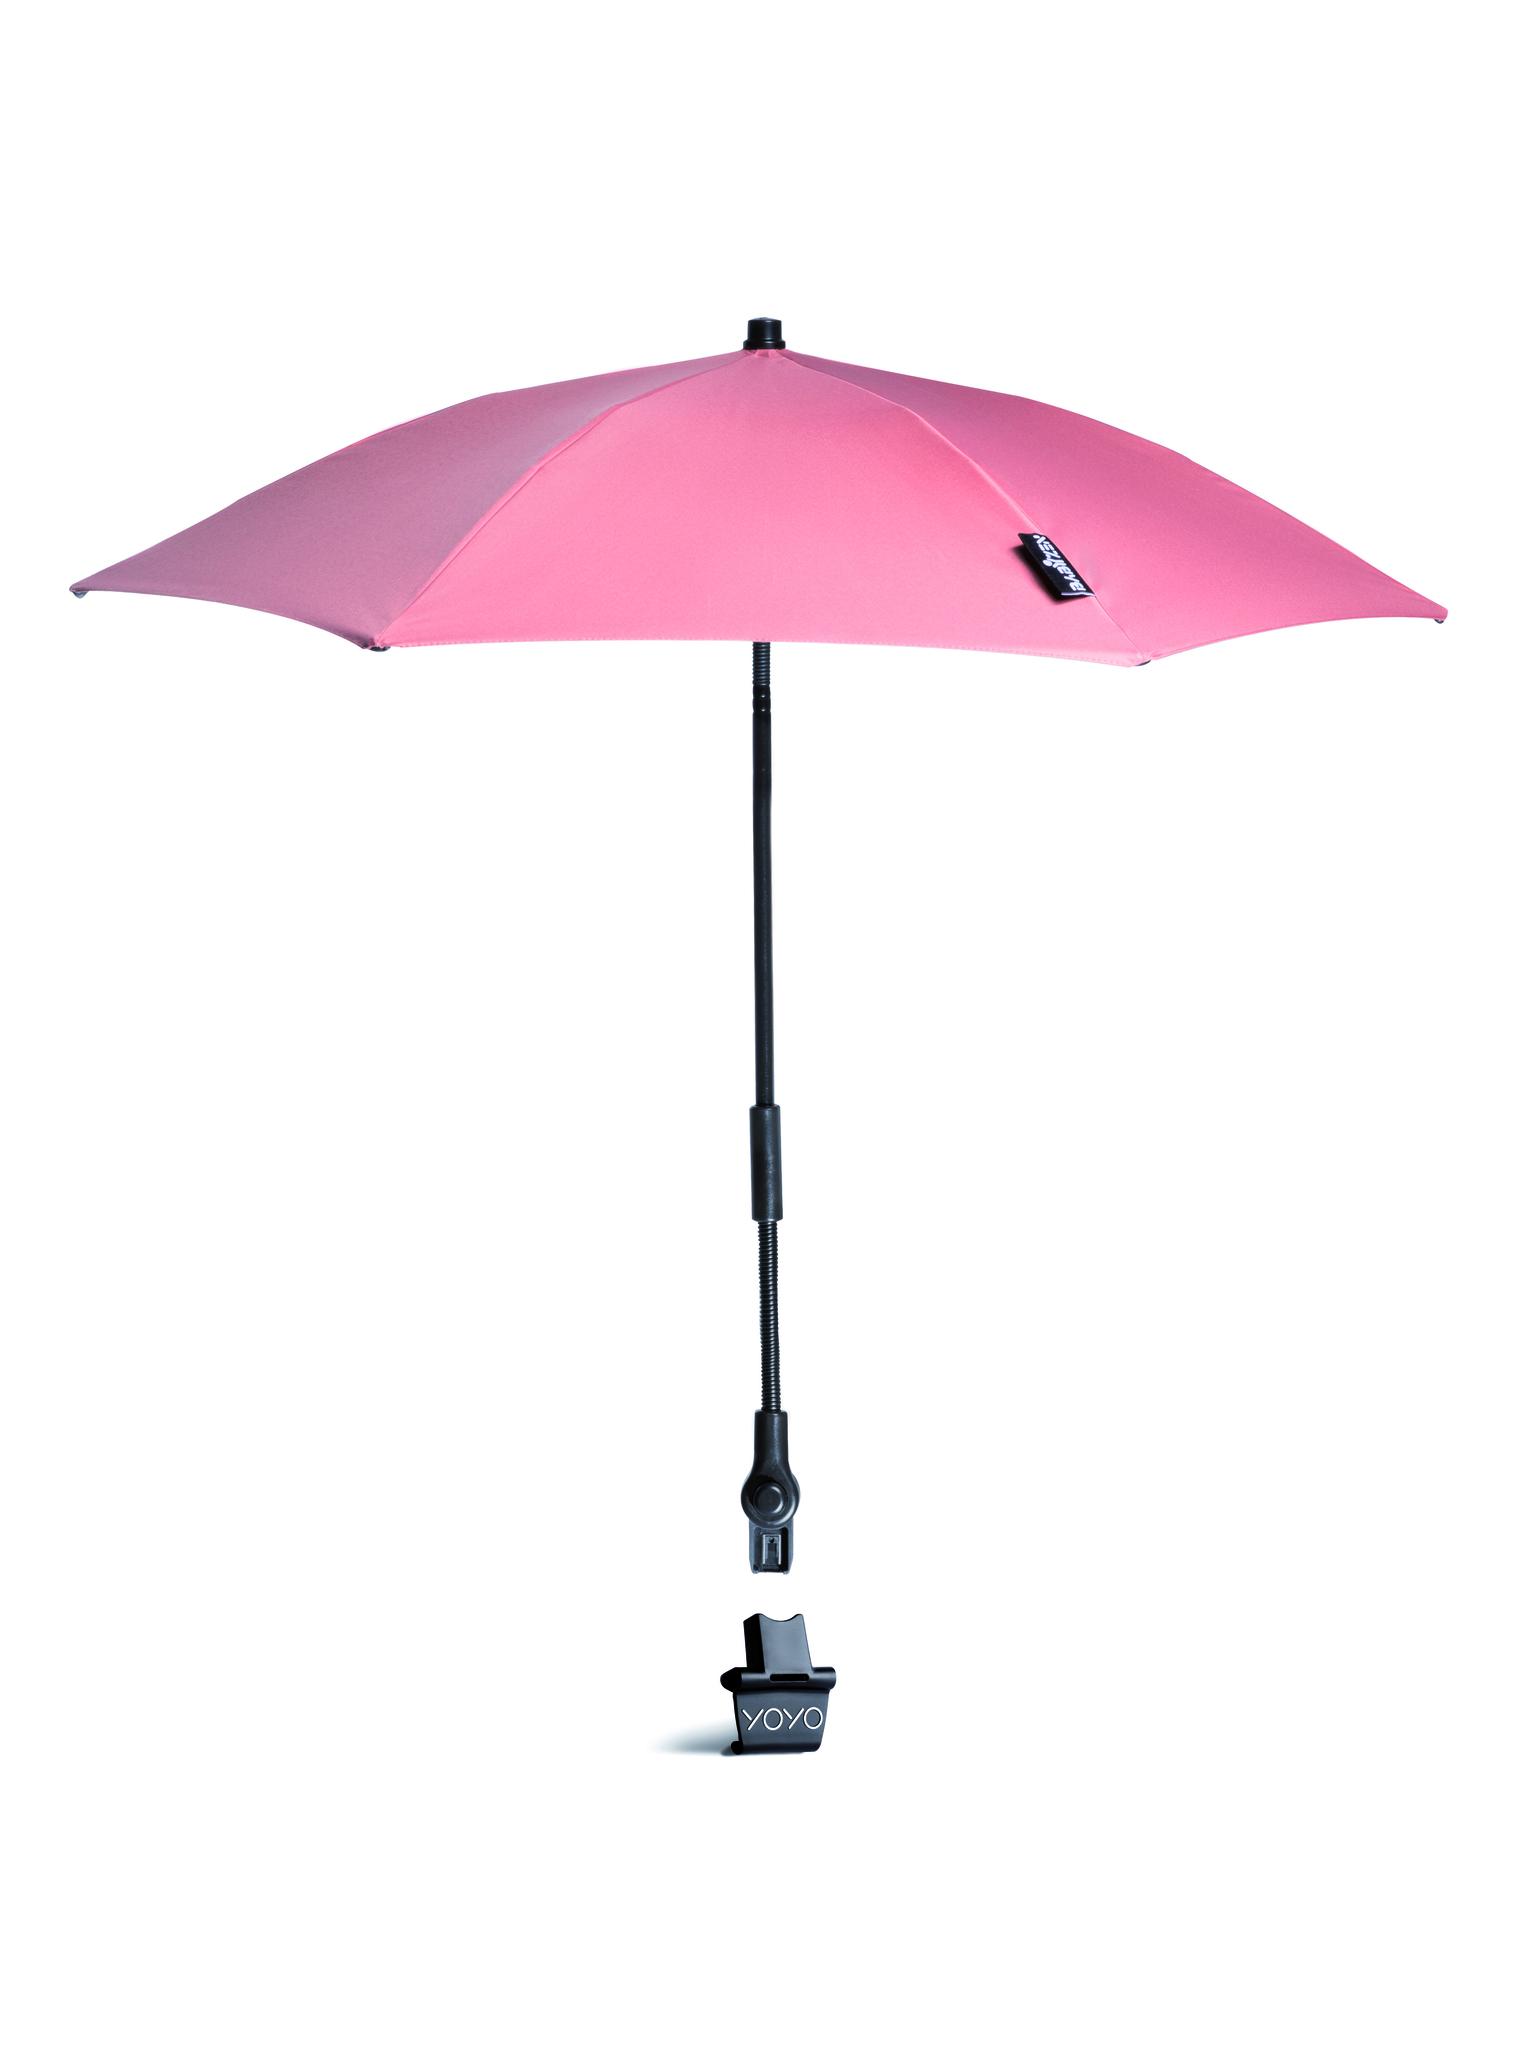 Зонт BabyZen YOYO + Ginger Имбирь